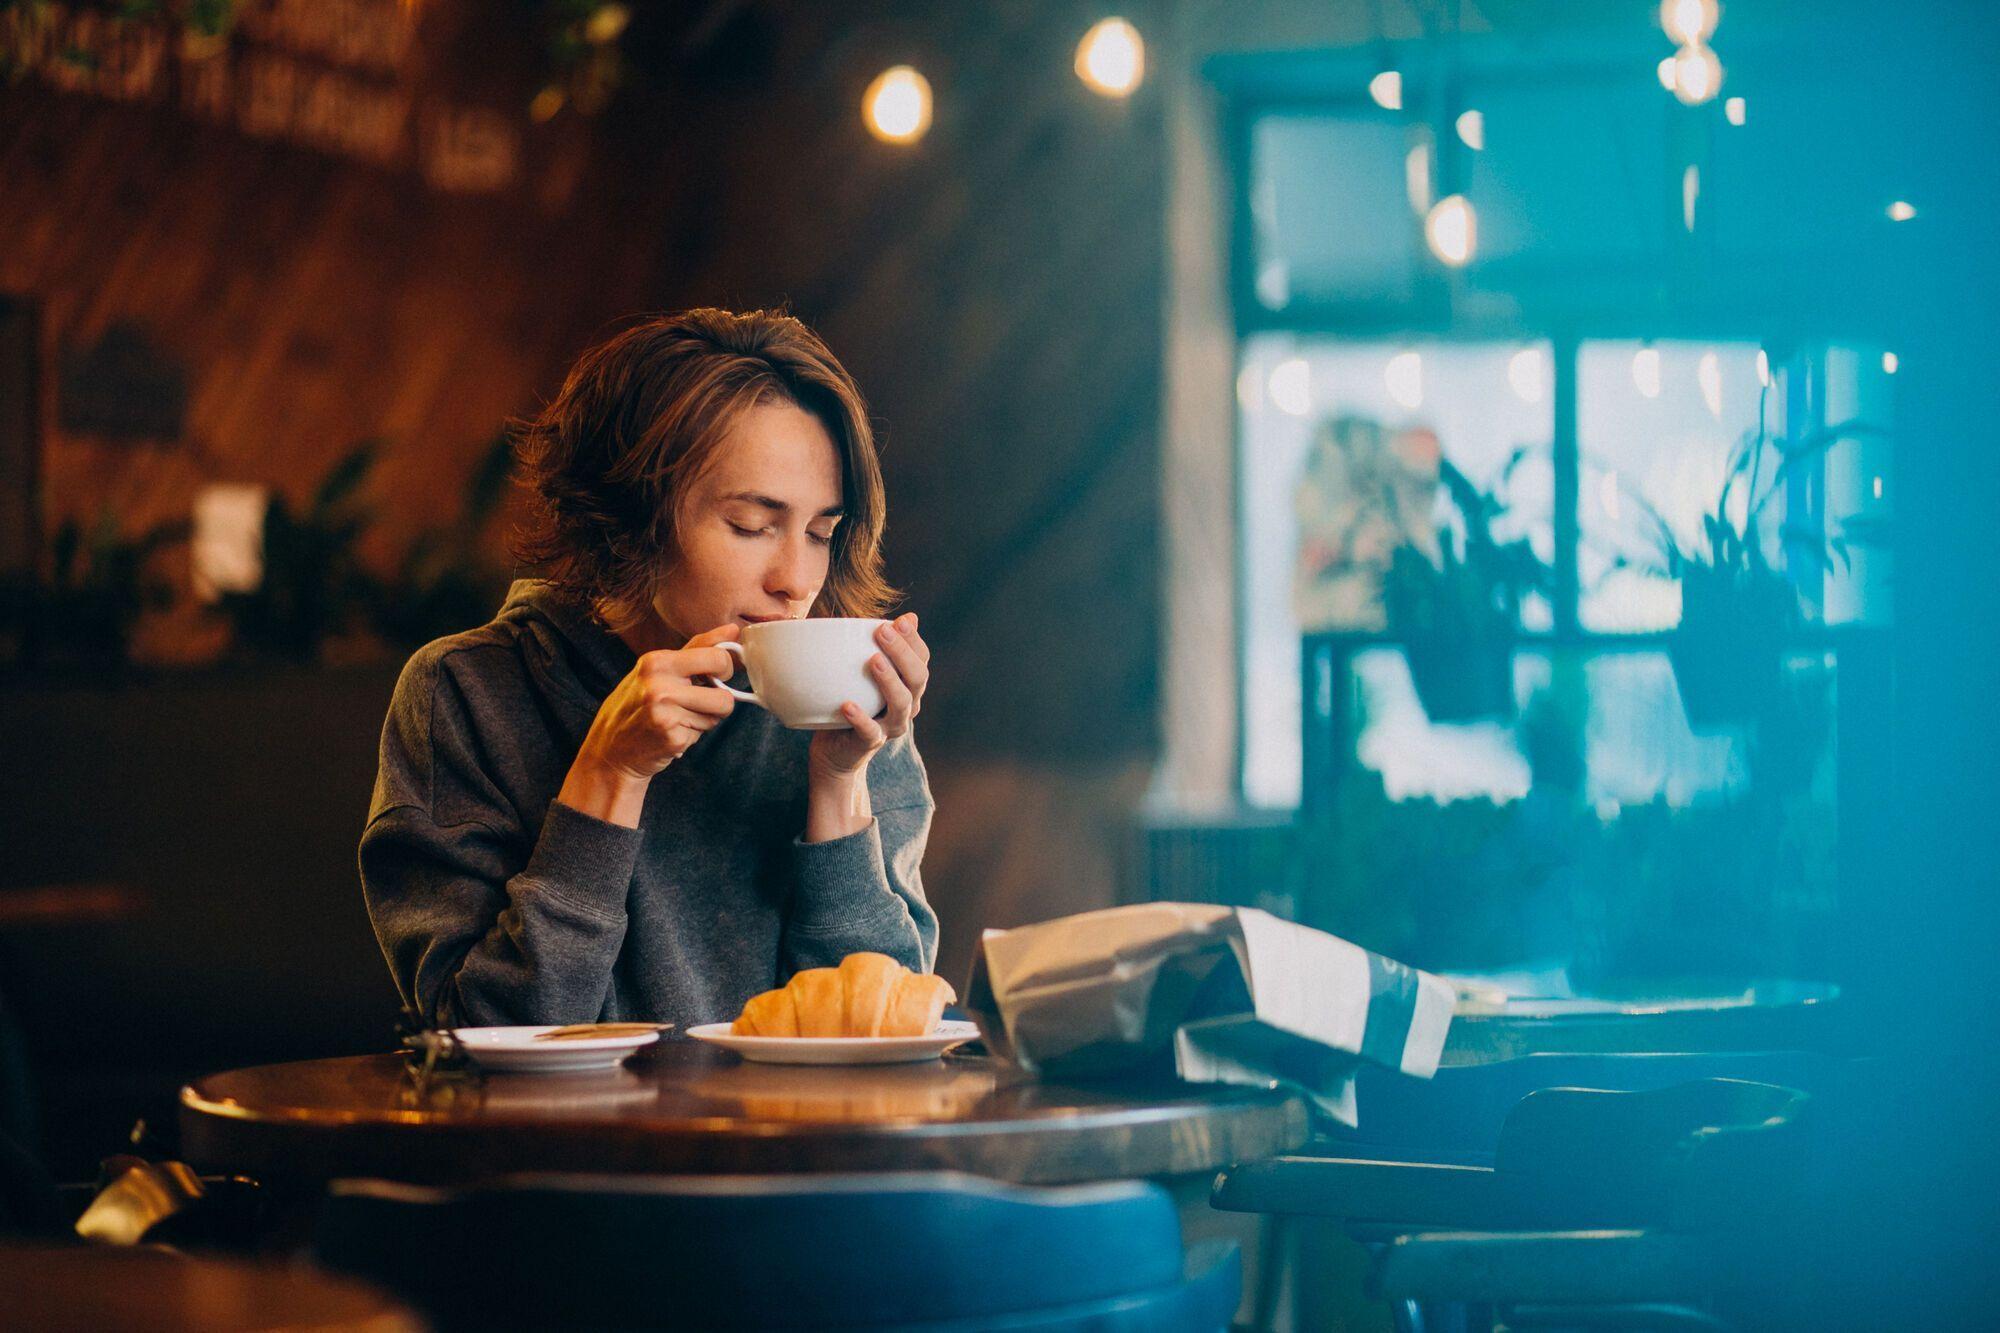 В мобильных приложениях удобно искать кафе, рестораны.